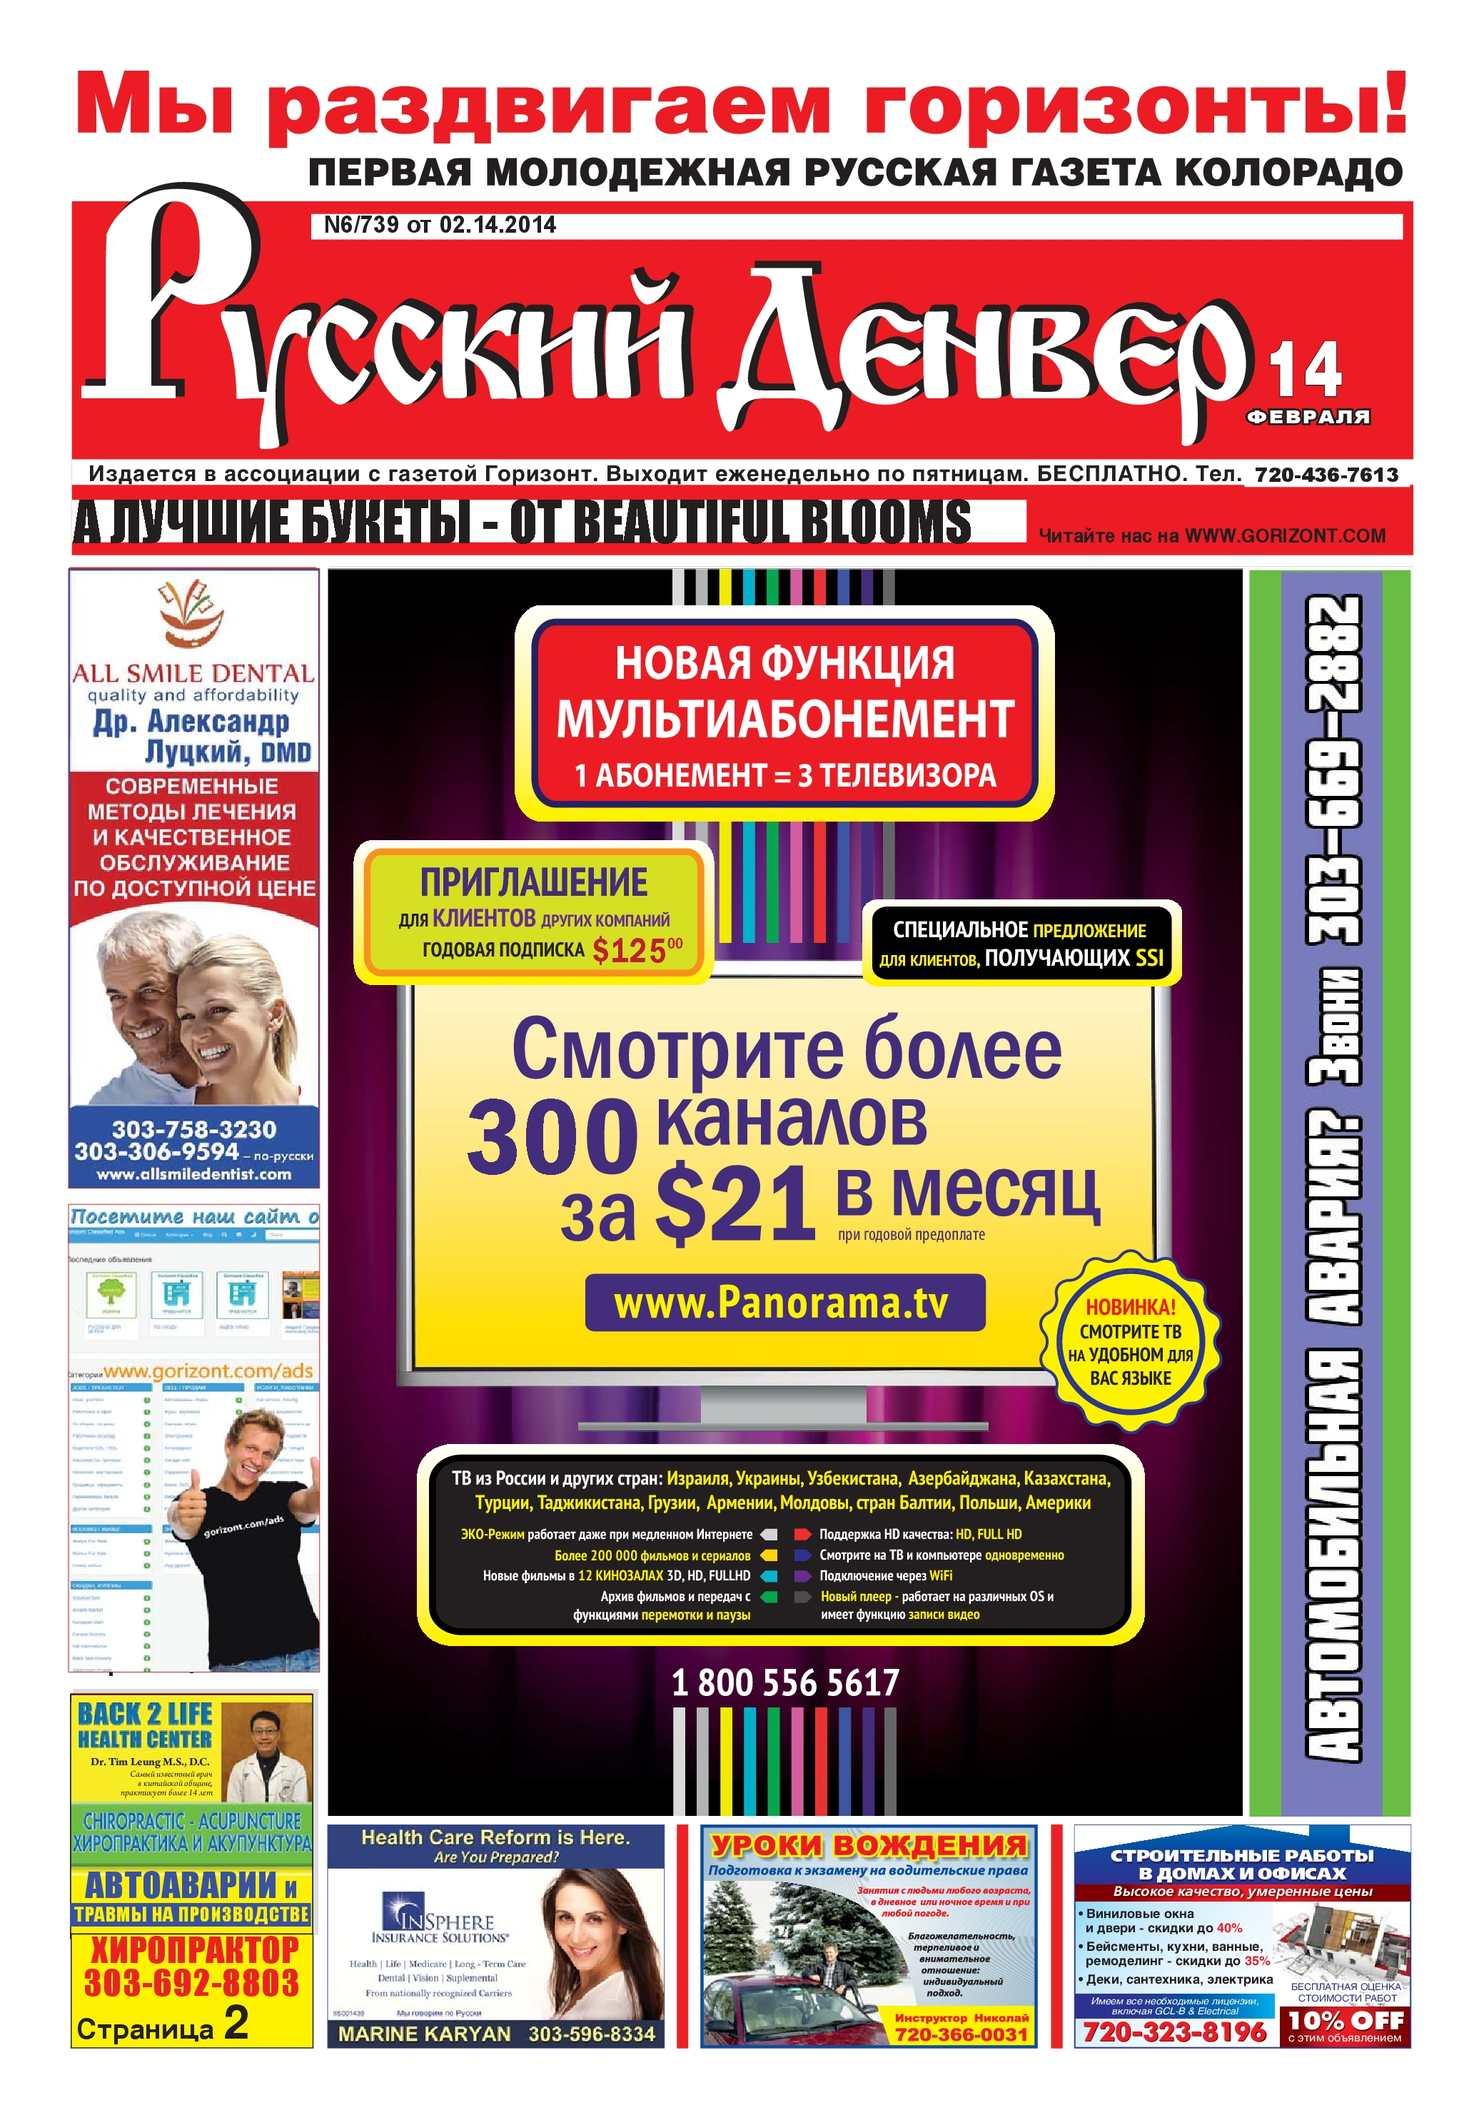 seks-po-turetski-zhestkiy-silniy-goryachiy-lyubveobilniy-chastnoe-foto-russkih-gruppovoe-seks